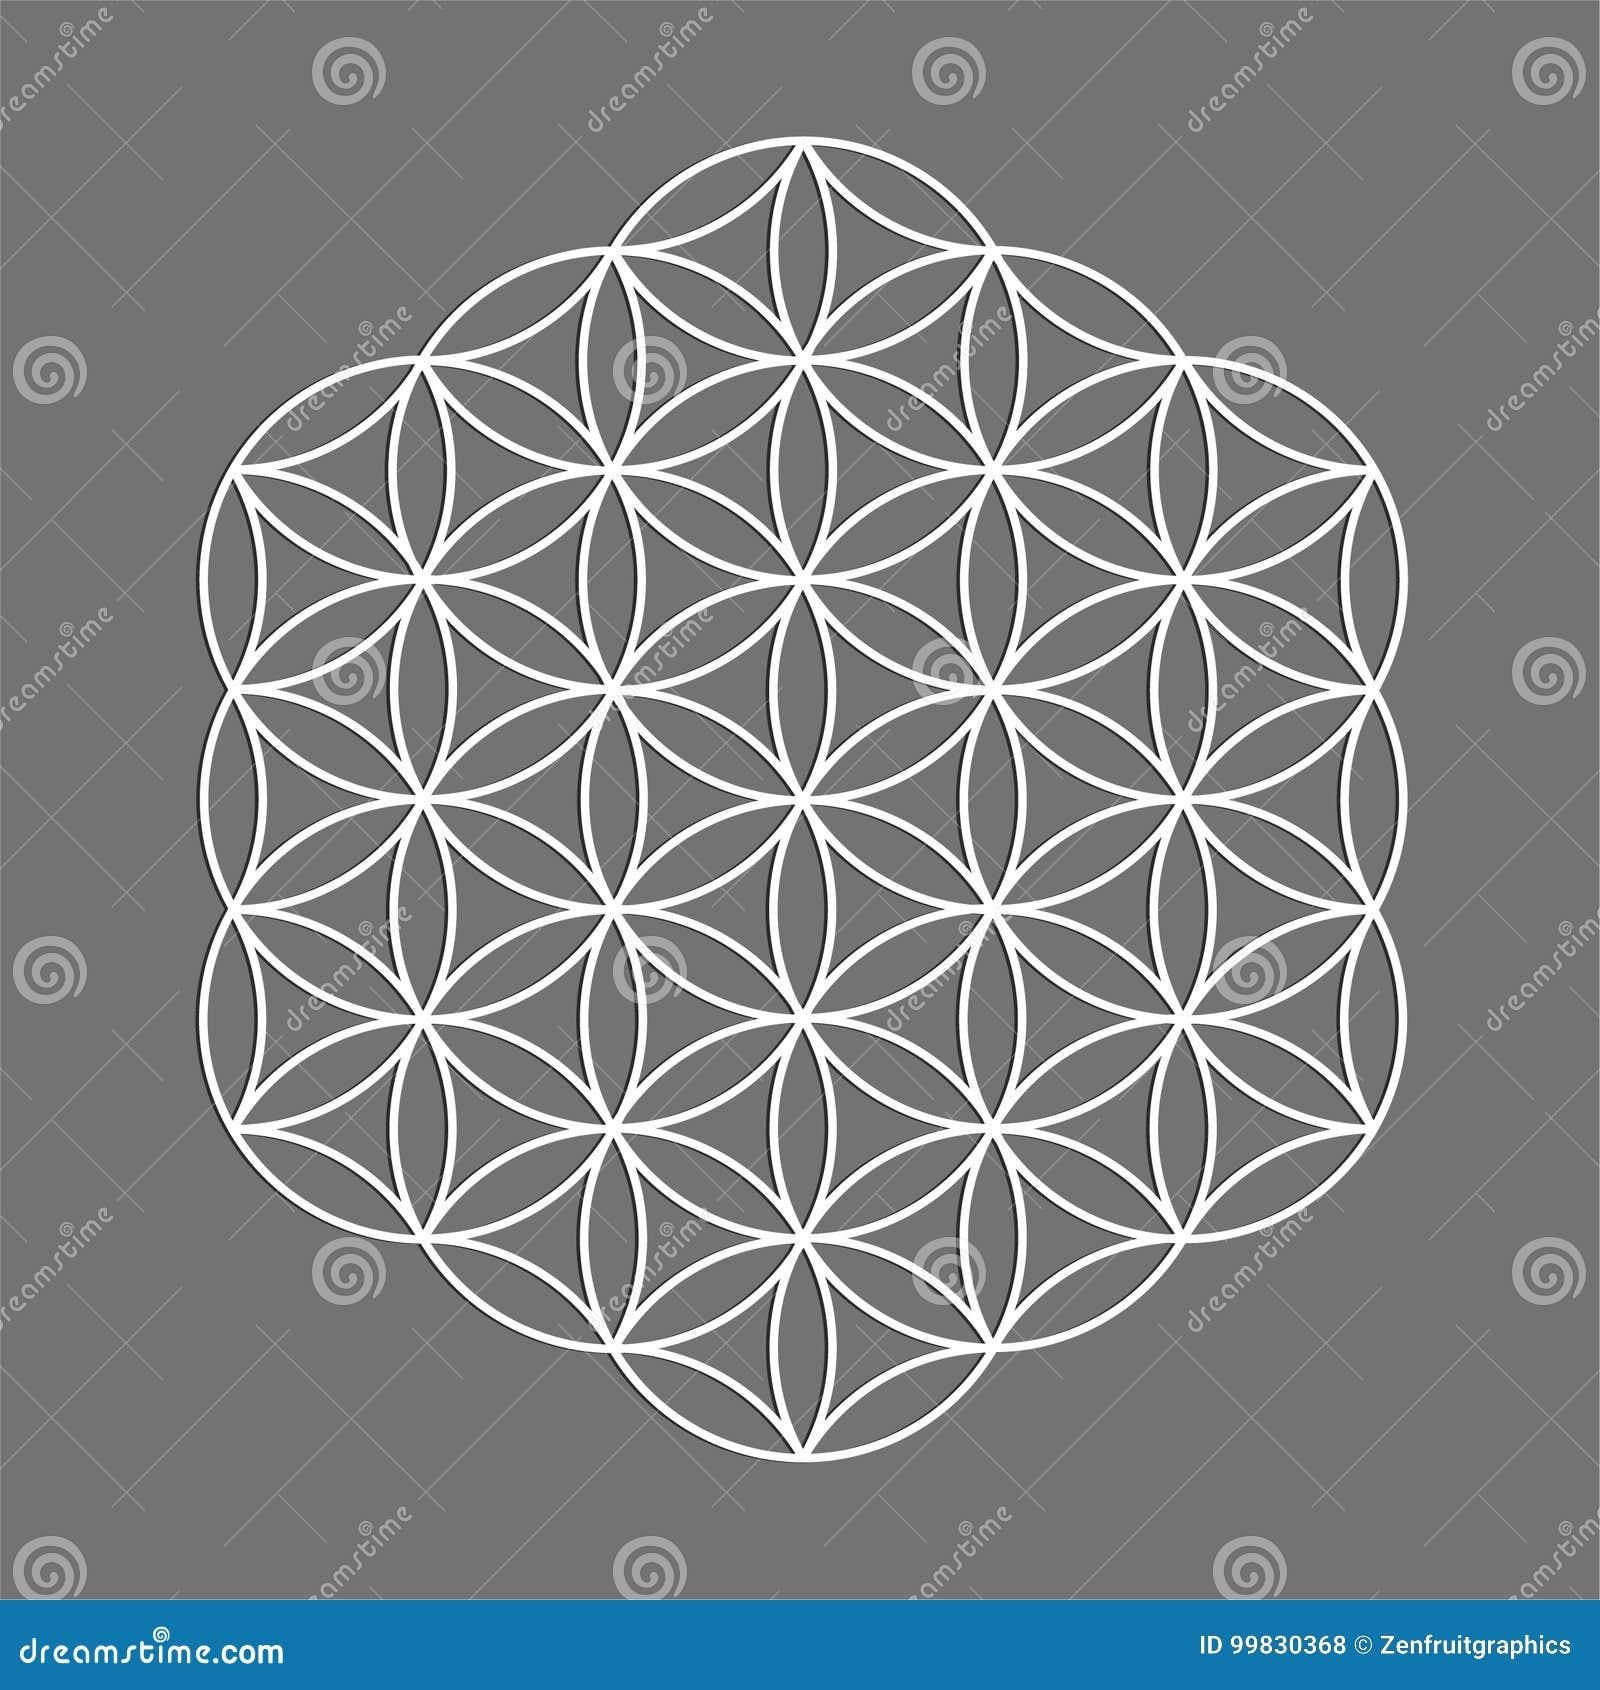 Święty geometria symbol, kwiat życie dla alchemii, duchowość, religia, filozofia, astrologia emblemat lub etykietka, Biały ikona